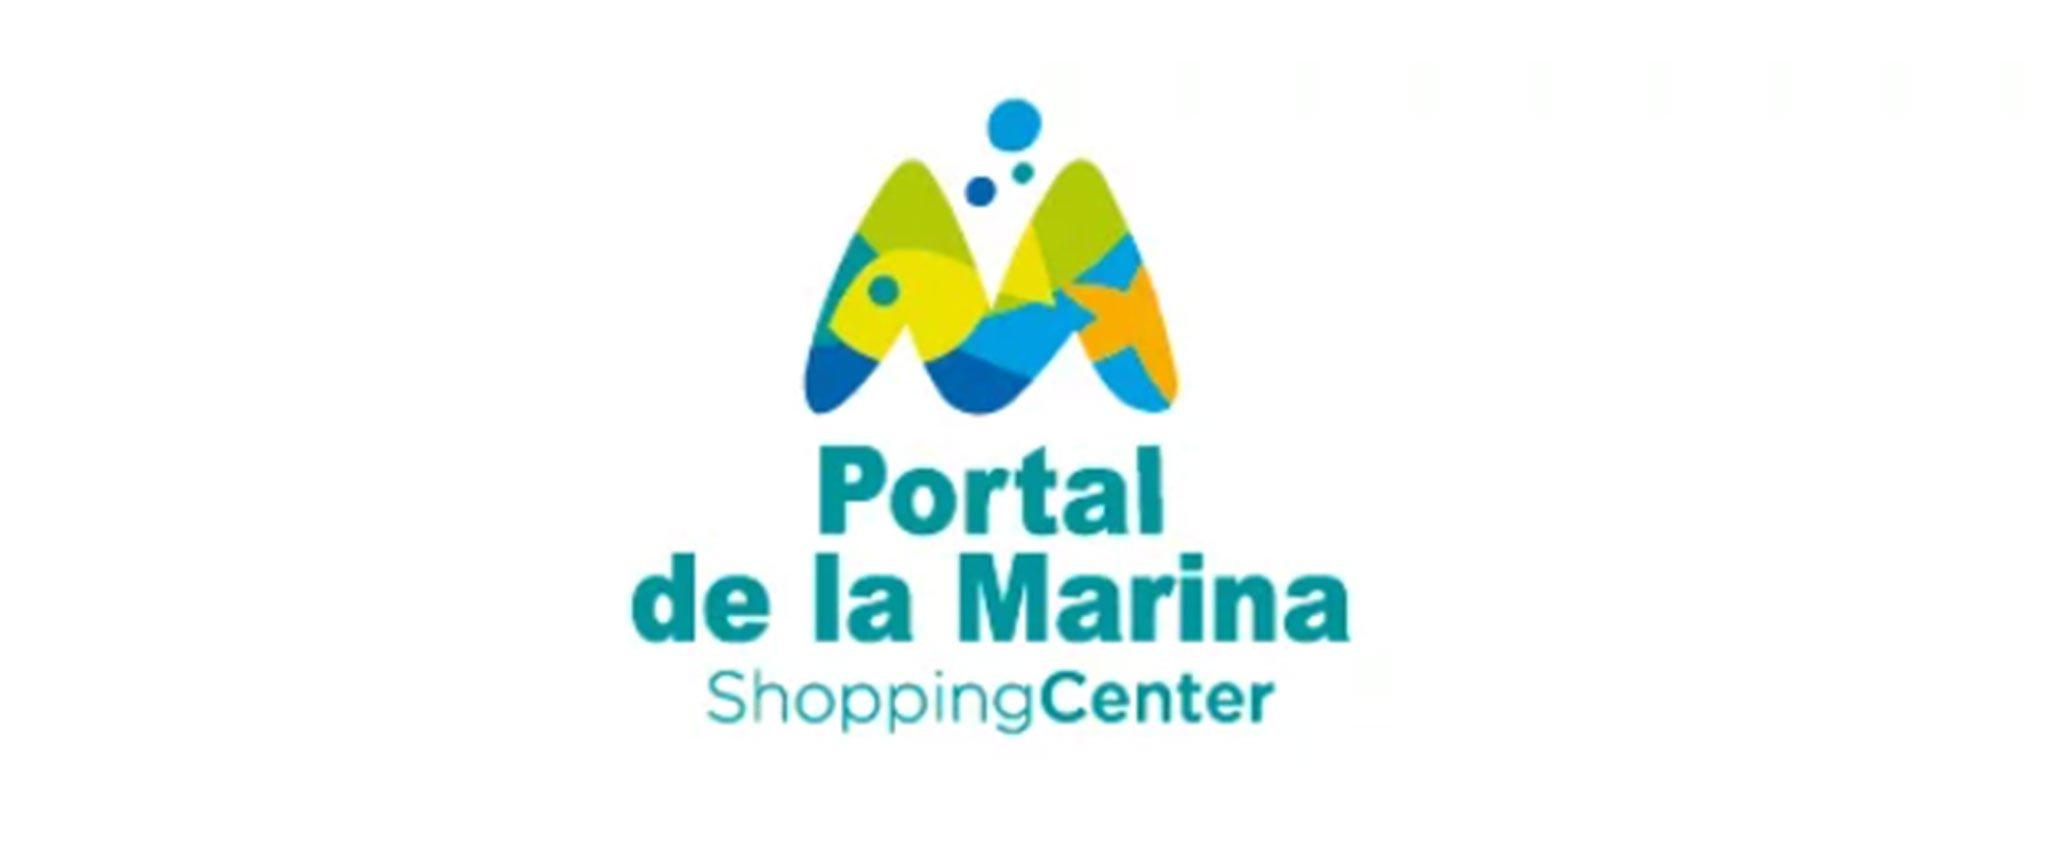 Portal de la Marina logo